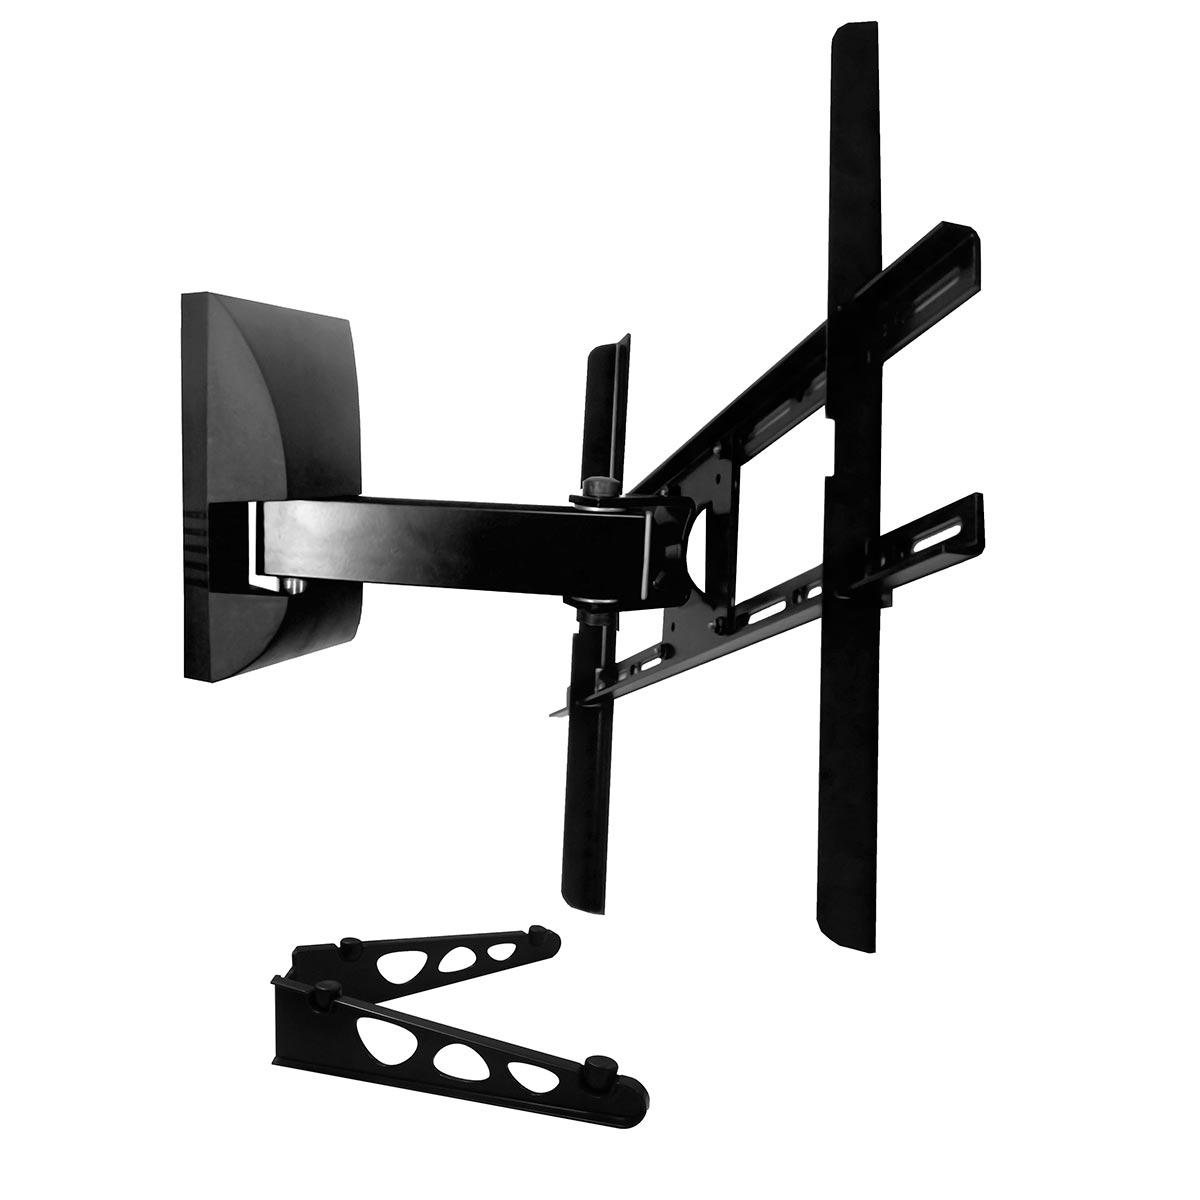 Suporte de Parede Bi-Articulado p/ TV 10 a 70 Pol LCD / LED / Plasma / 3D - SBRP 430 Brasforma